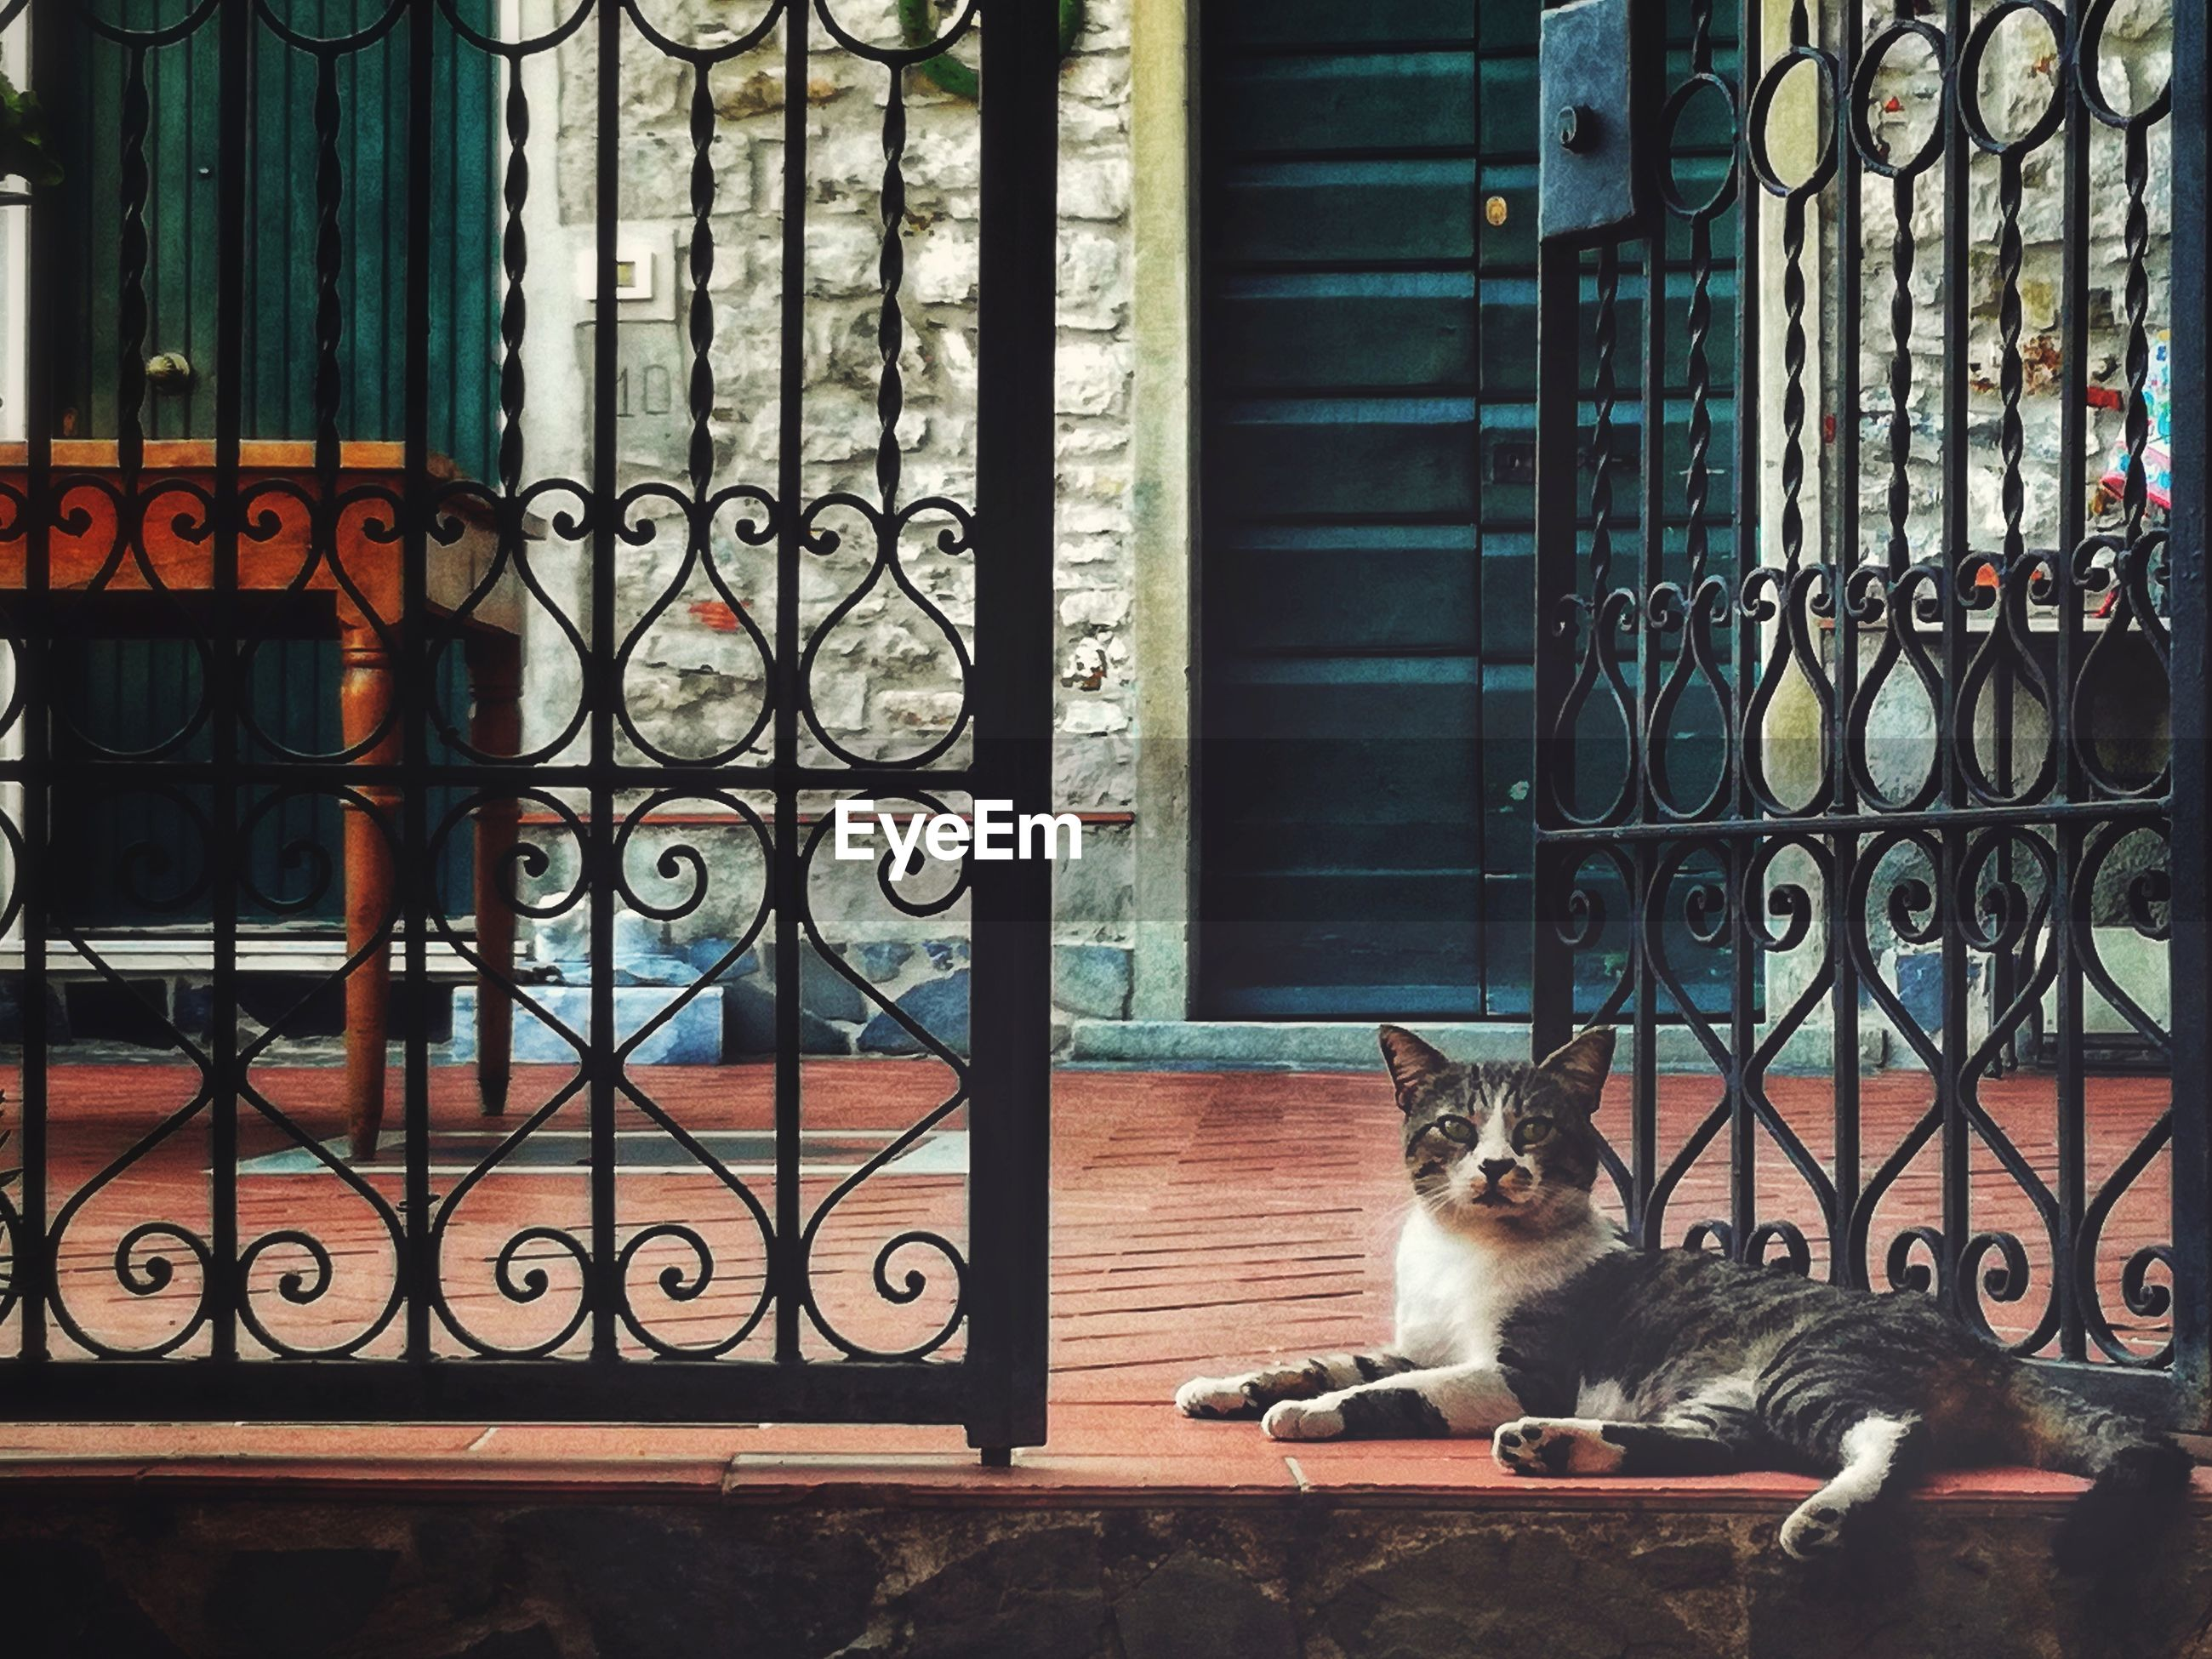 PORTRAIT OF A CAT SITTING ON METAL WINDOW